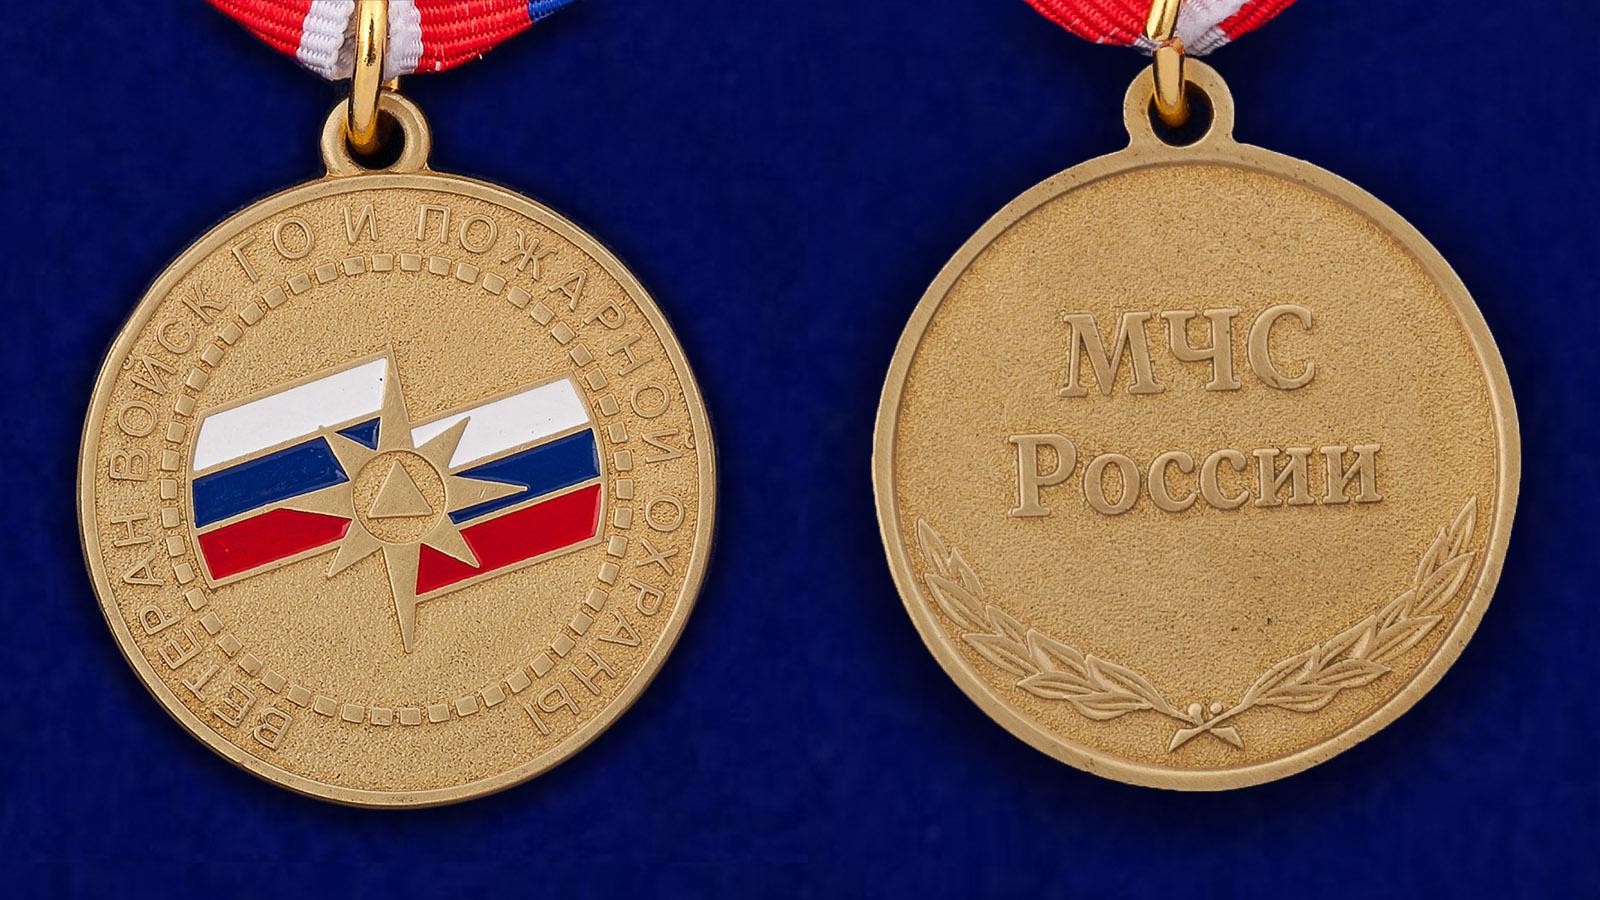 Медаль МЧС России Ветеран войск ГО и пожарной охраны - аверс и реверс